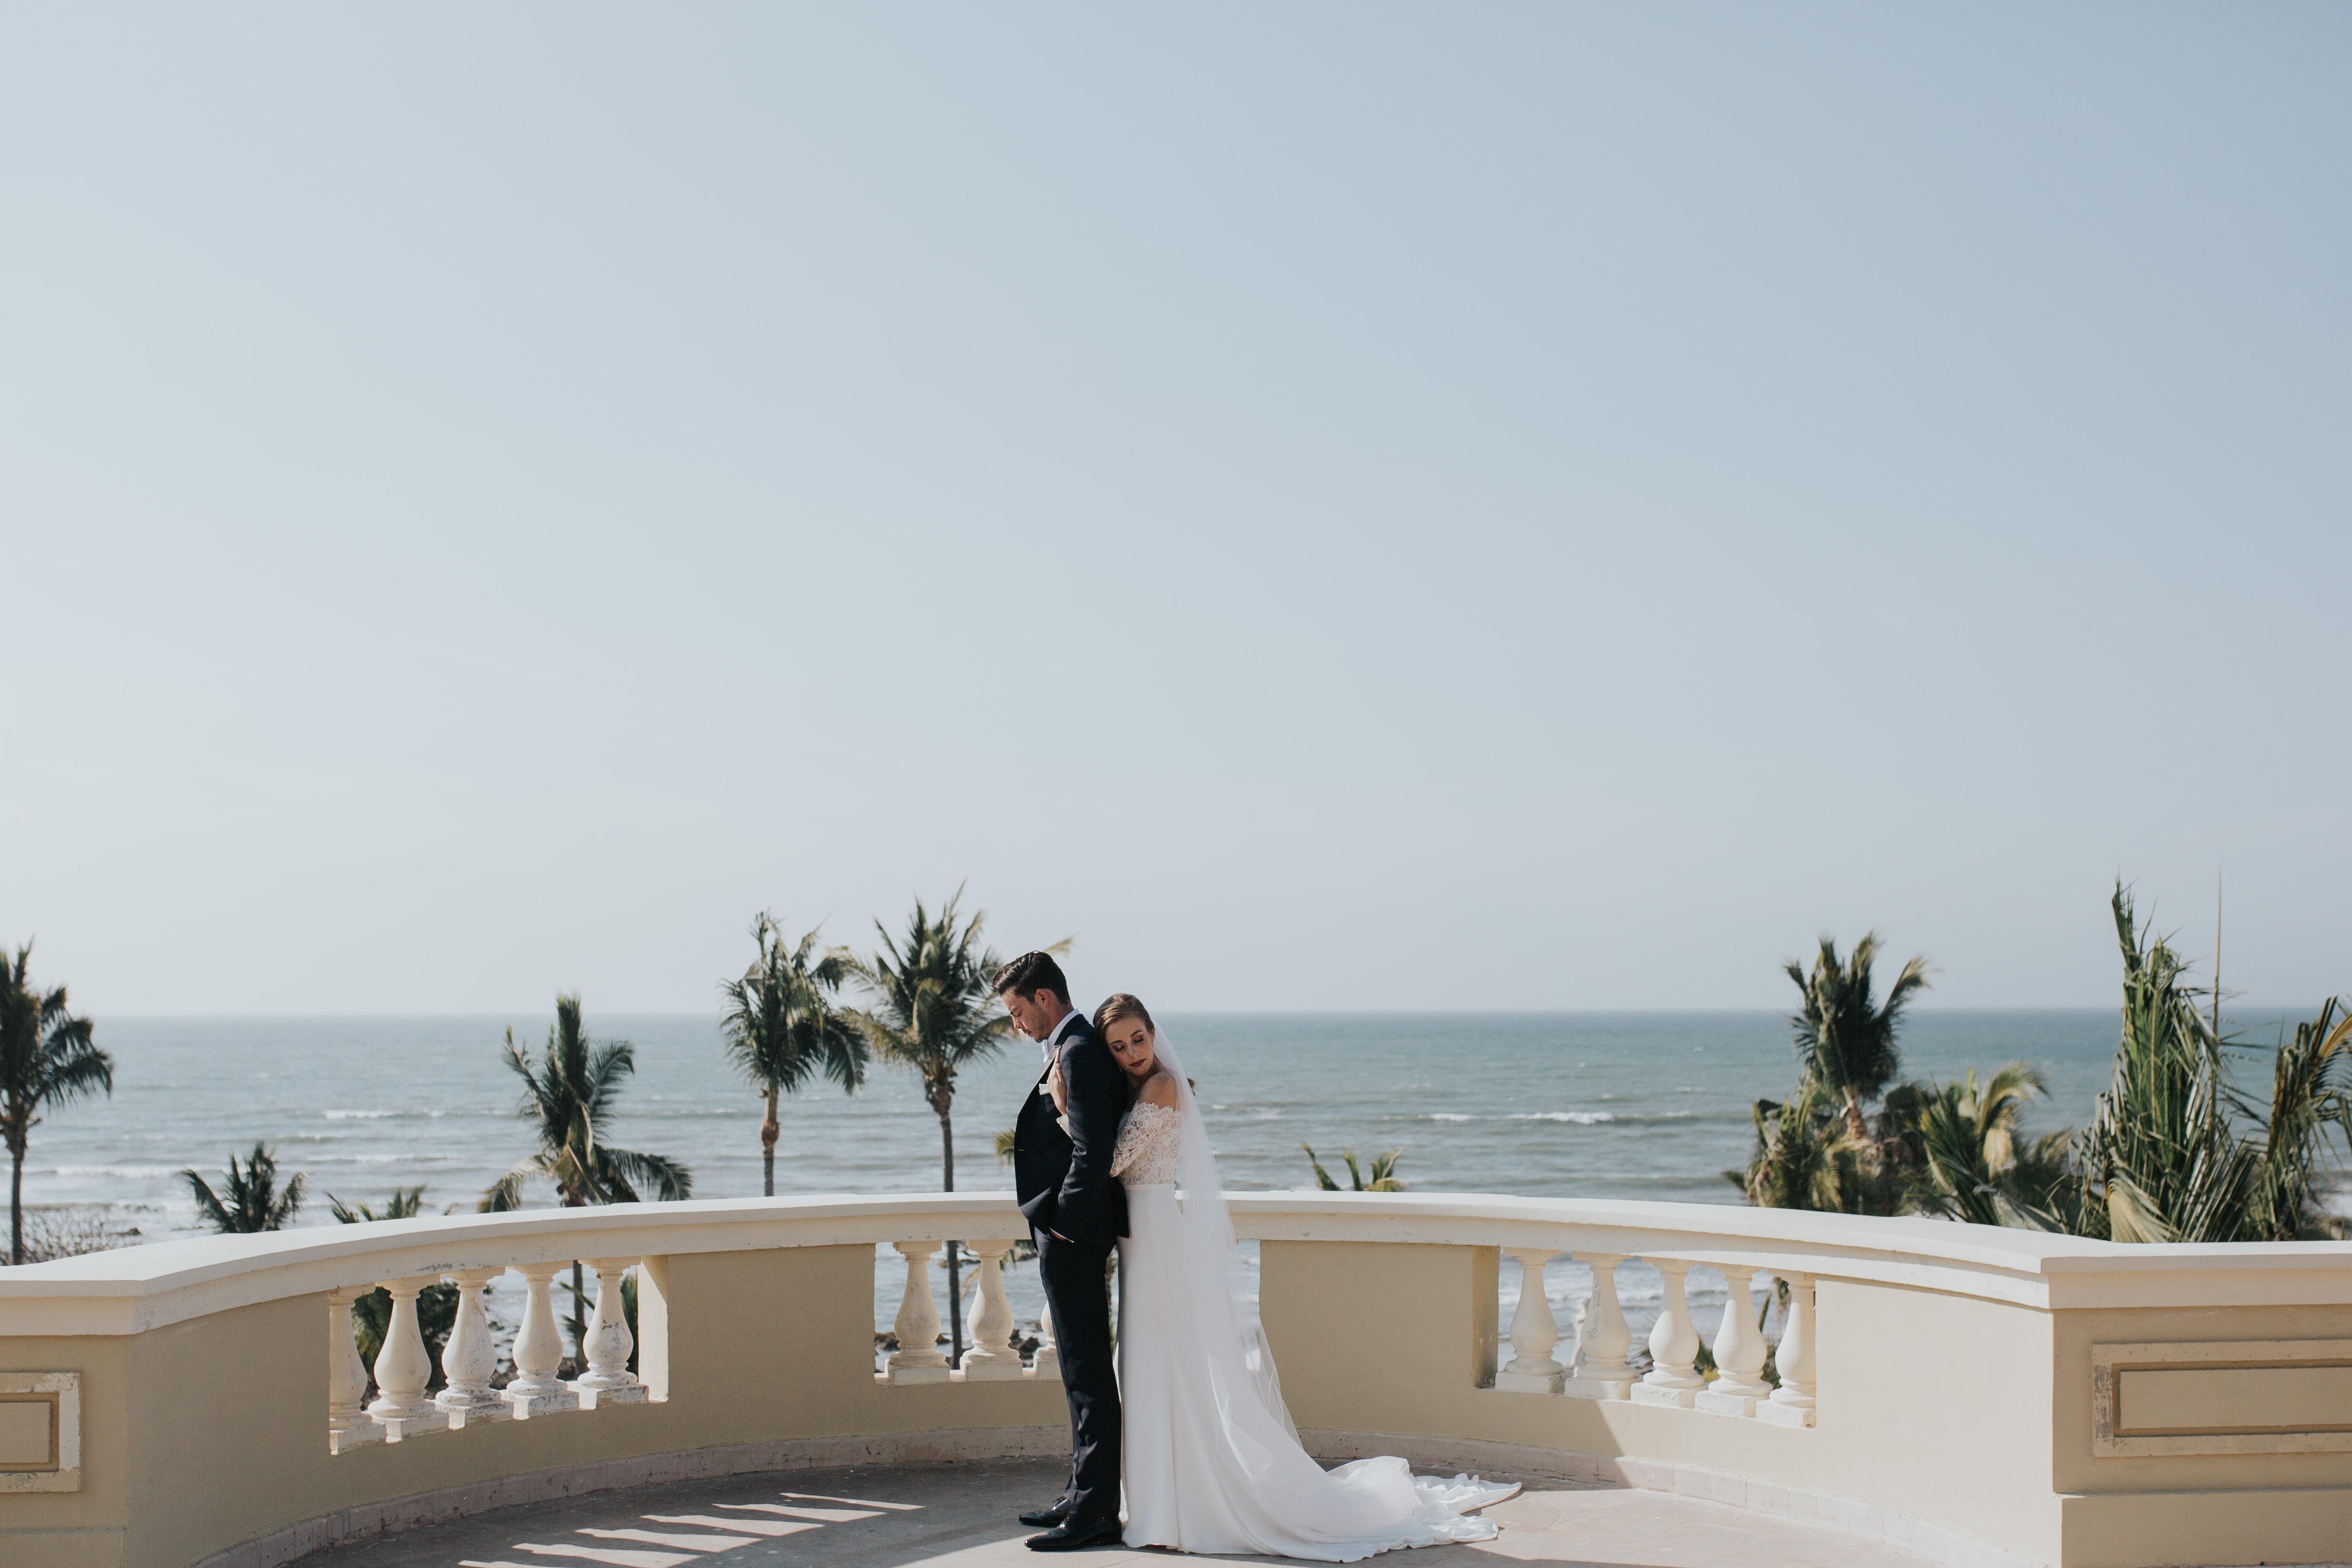 Megan + Maryo | Mazatlán, Mexico | Hotel Pueblo Bonito Emerald Bay & Baraka Beach Club